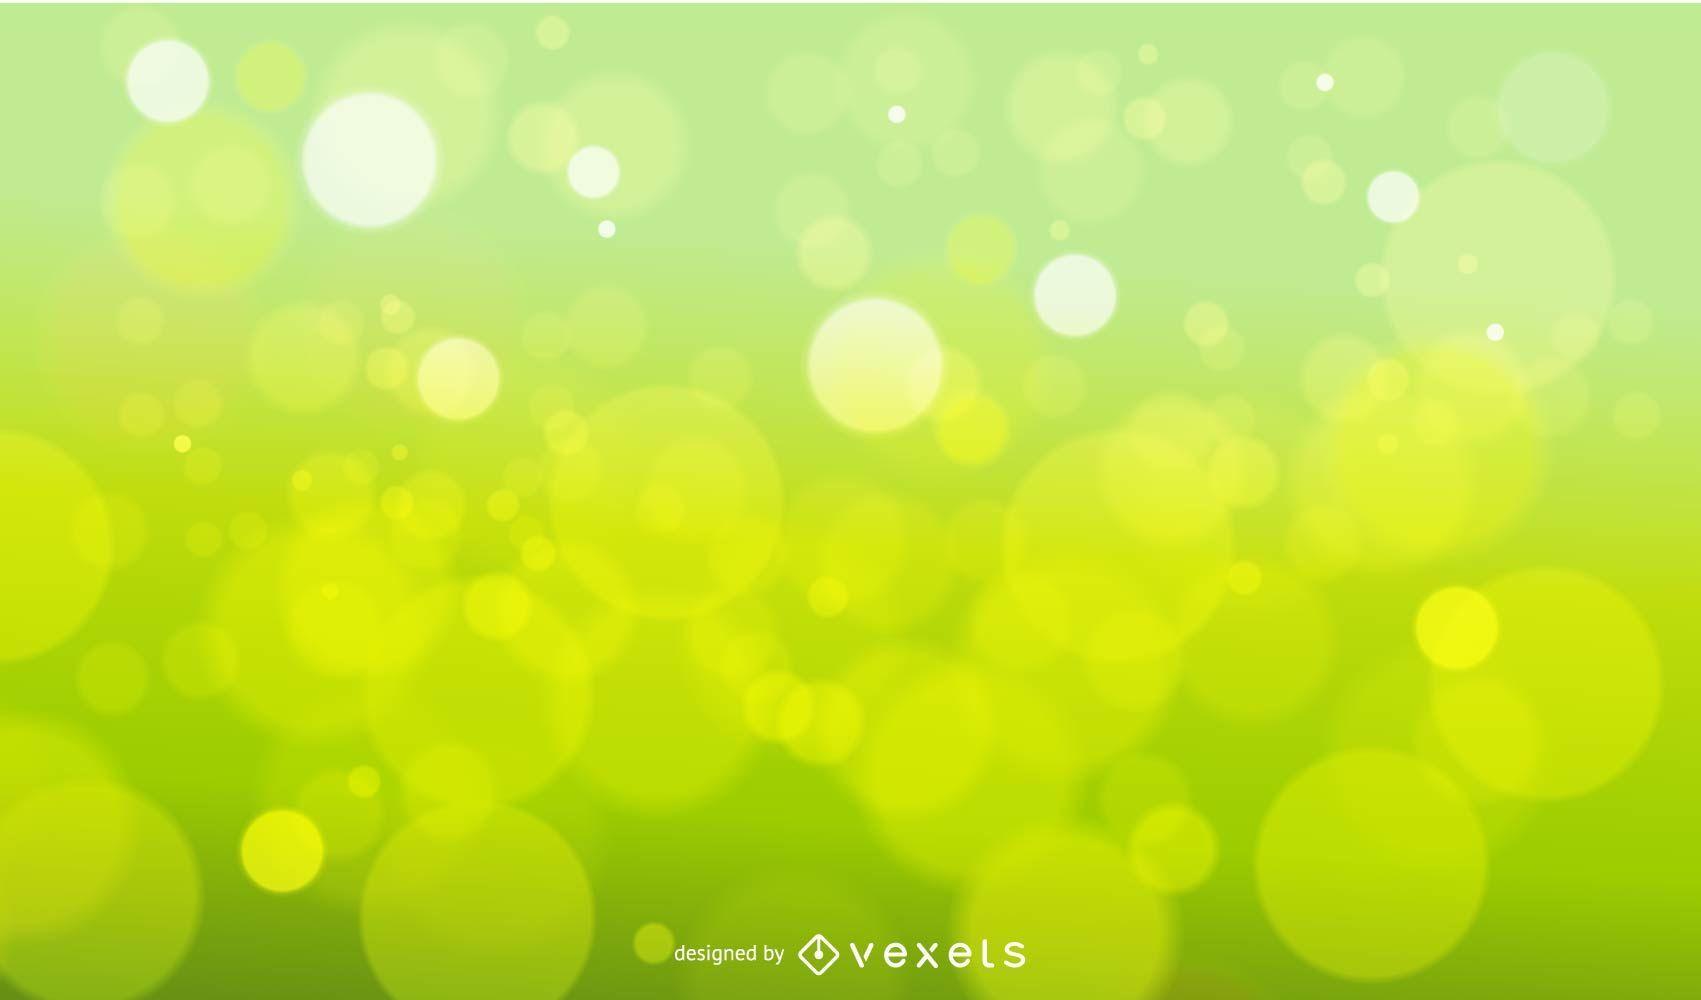 Fondo verde desenfoque natural